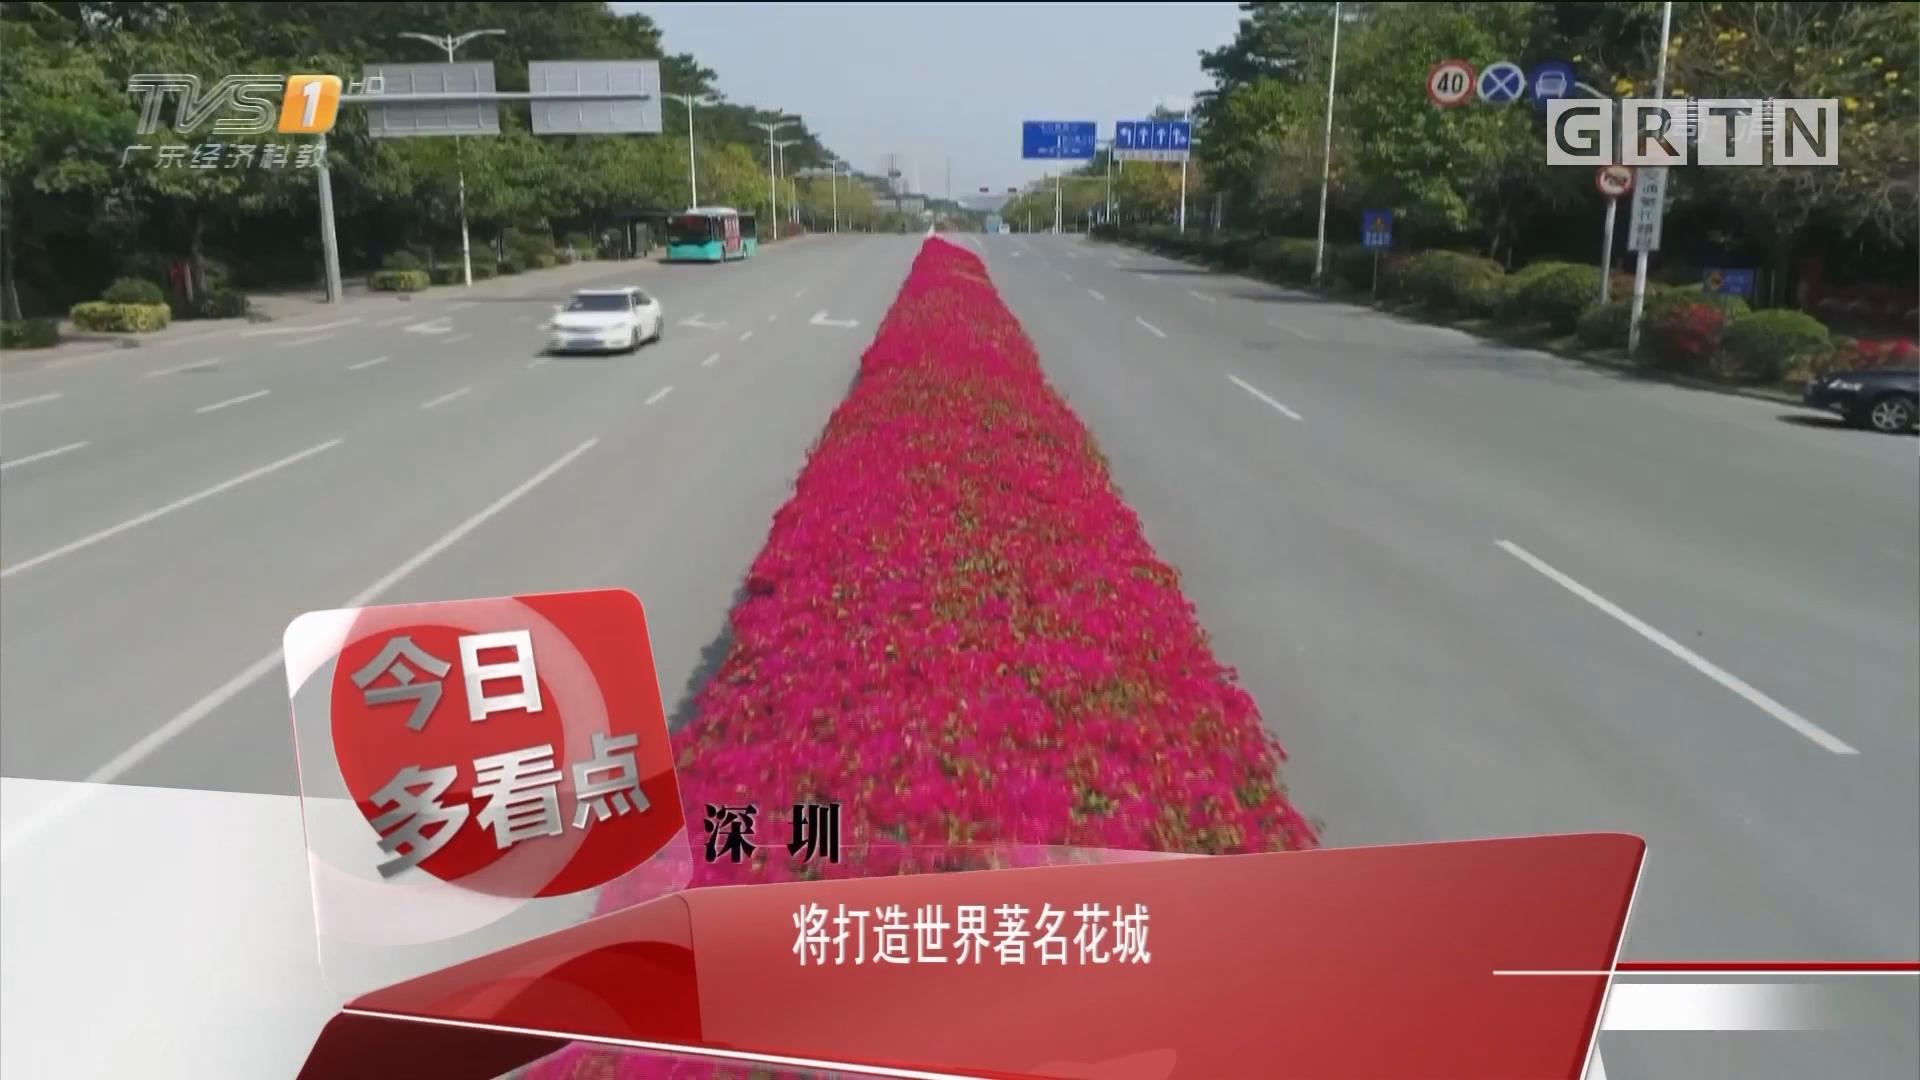 深圳:将打造世界著名花城